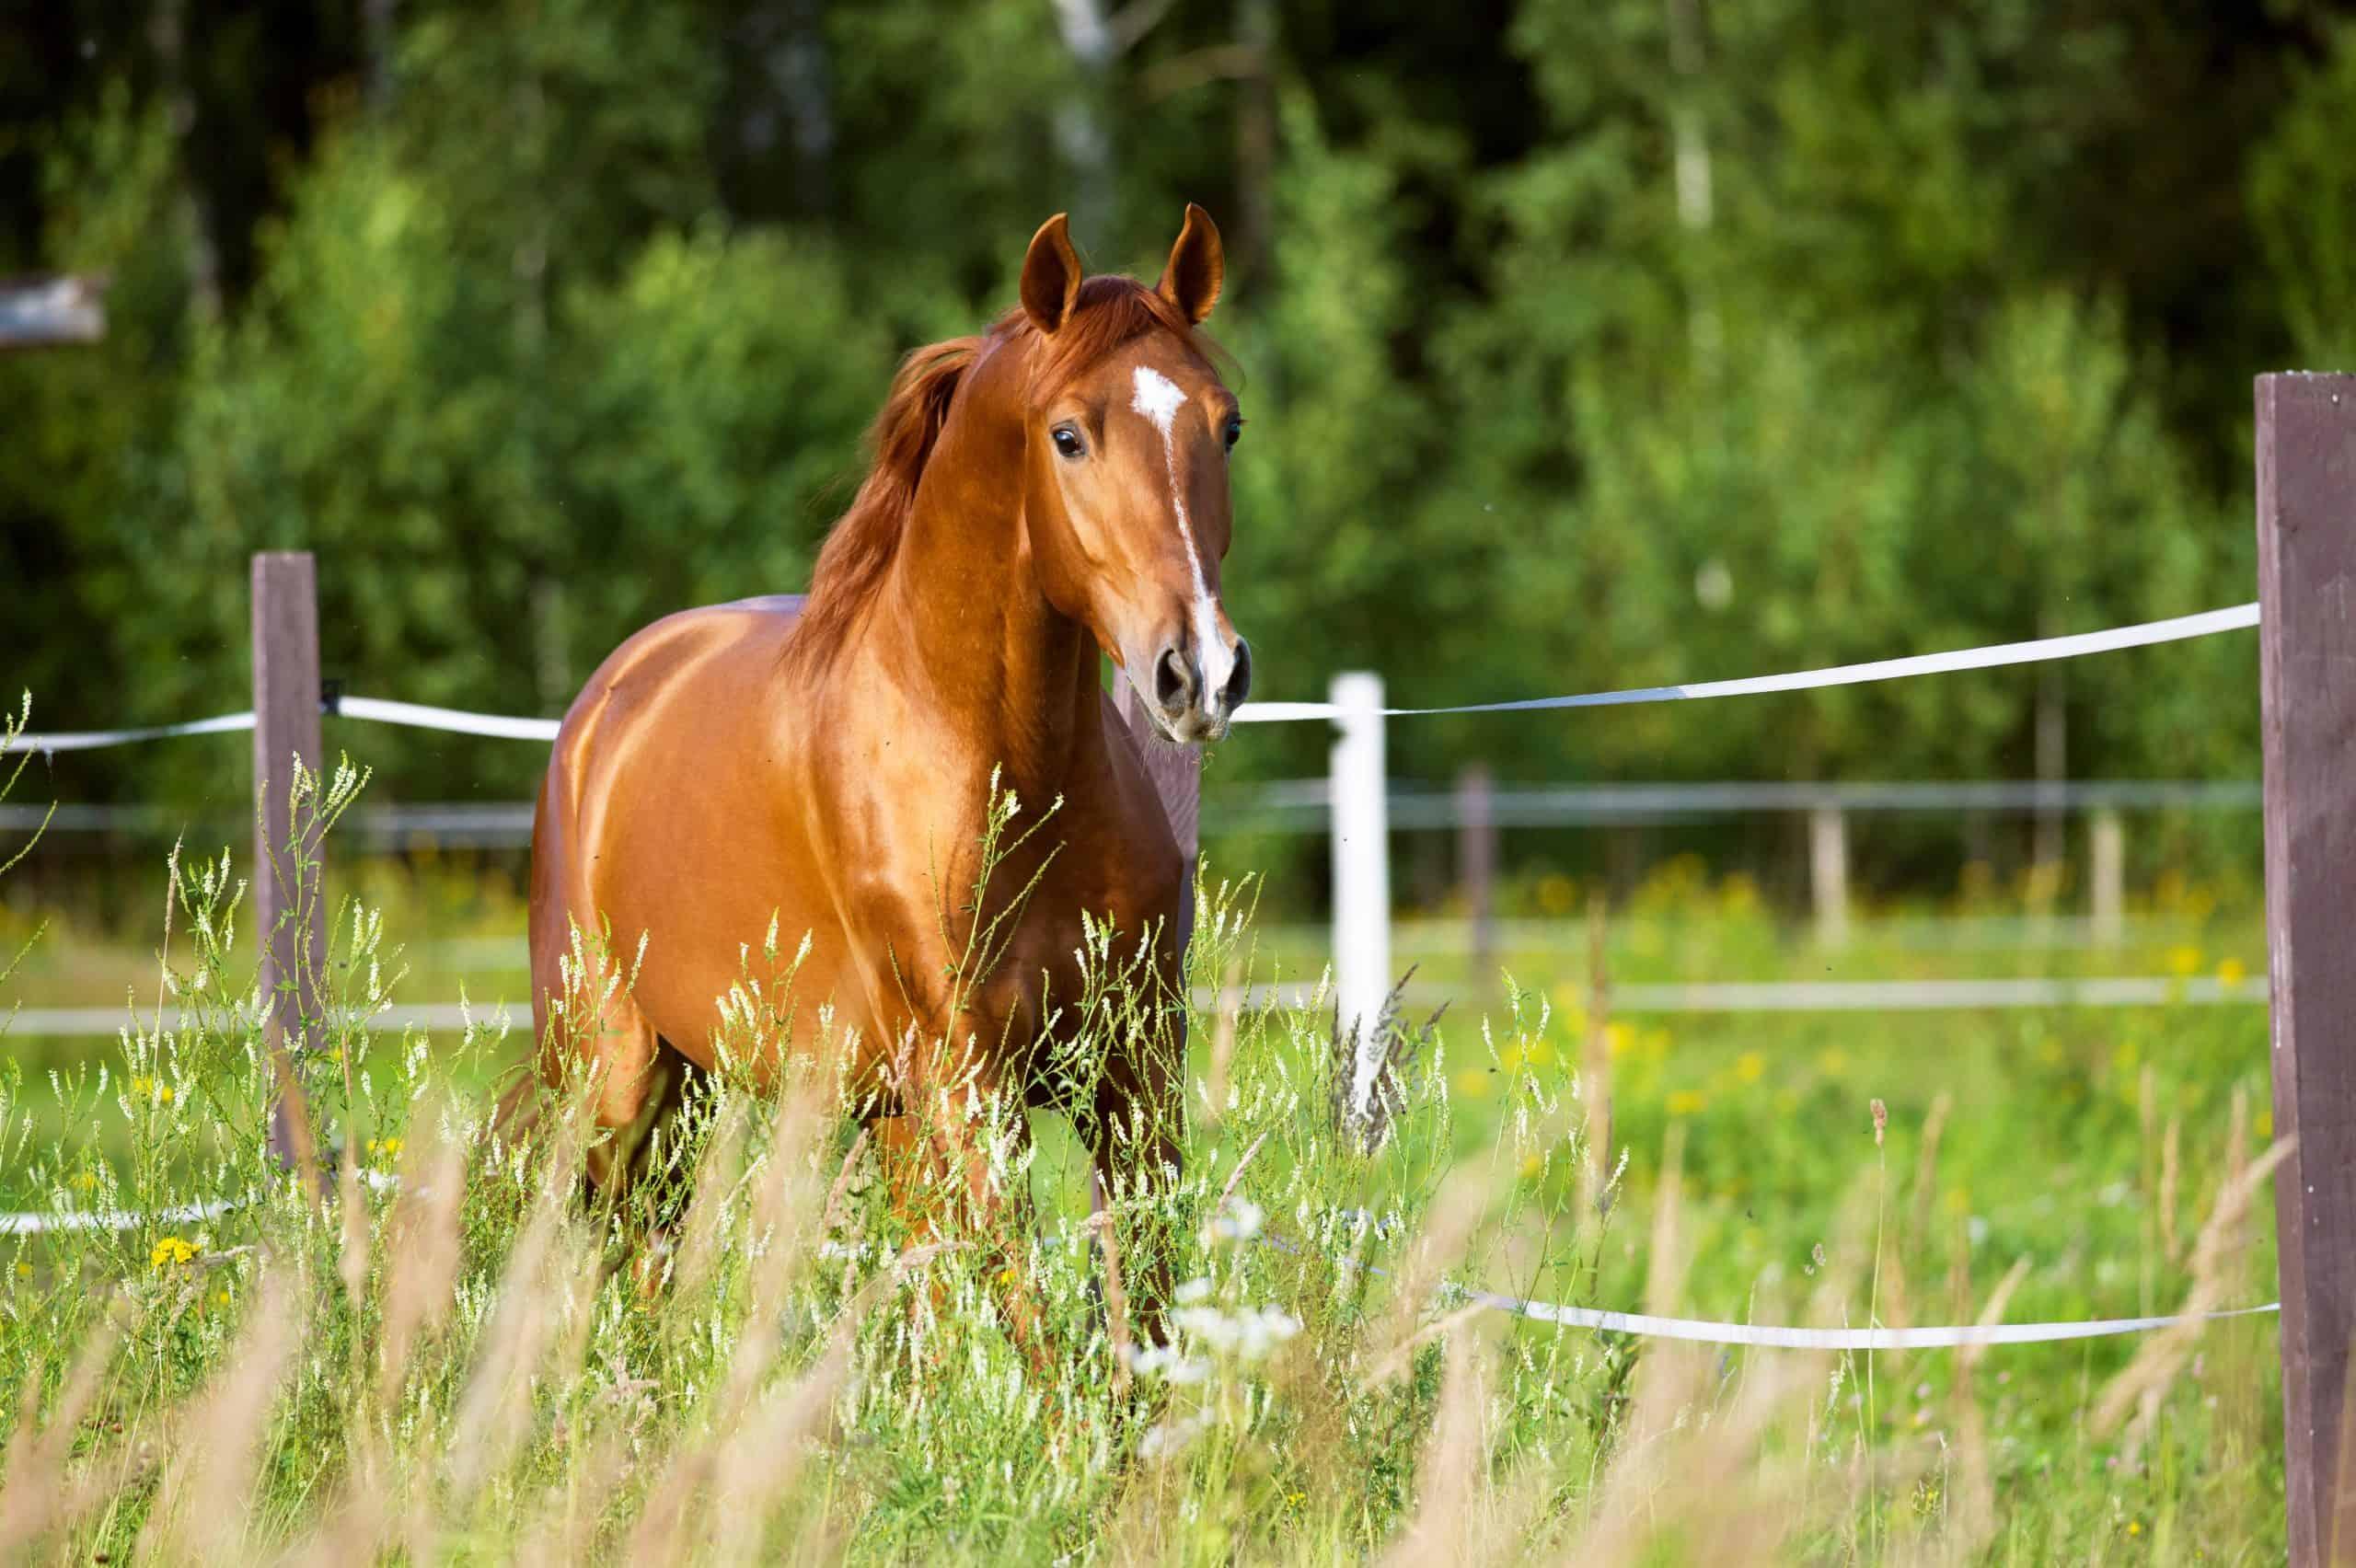 horses recognize